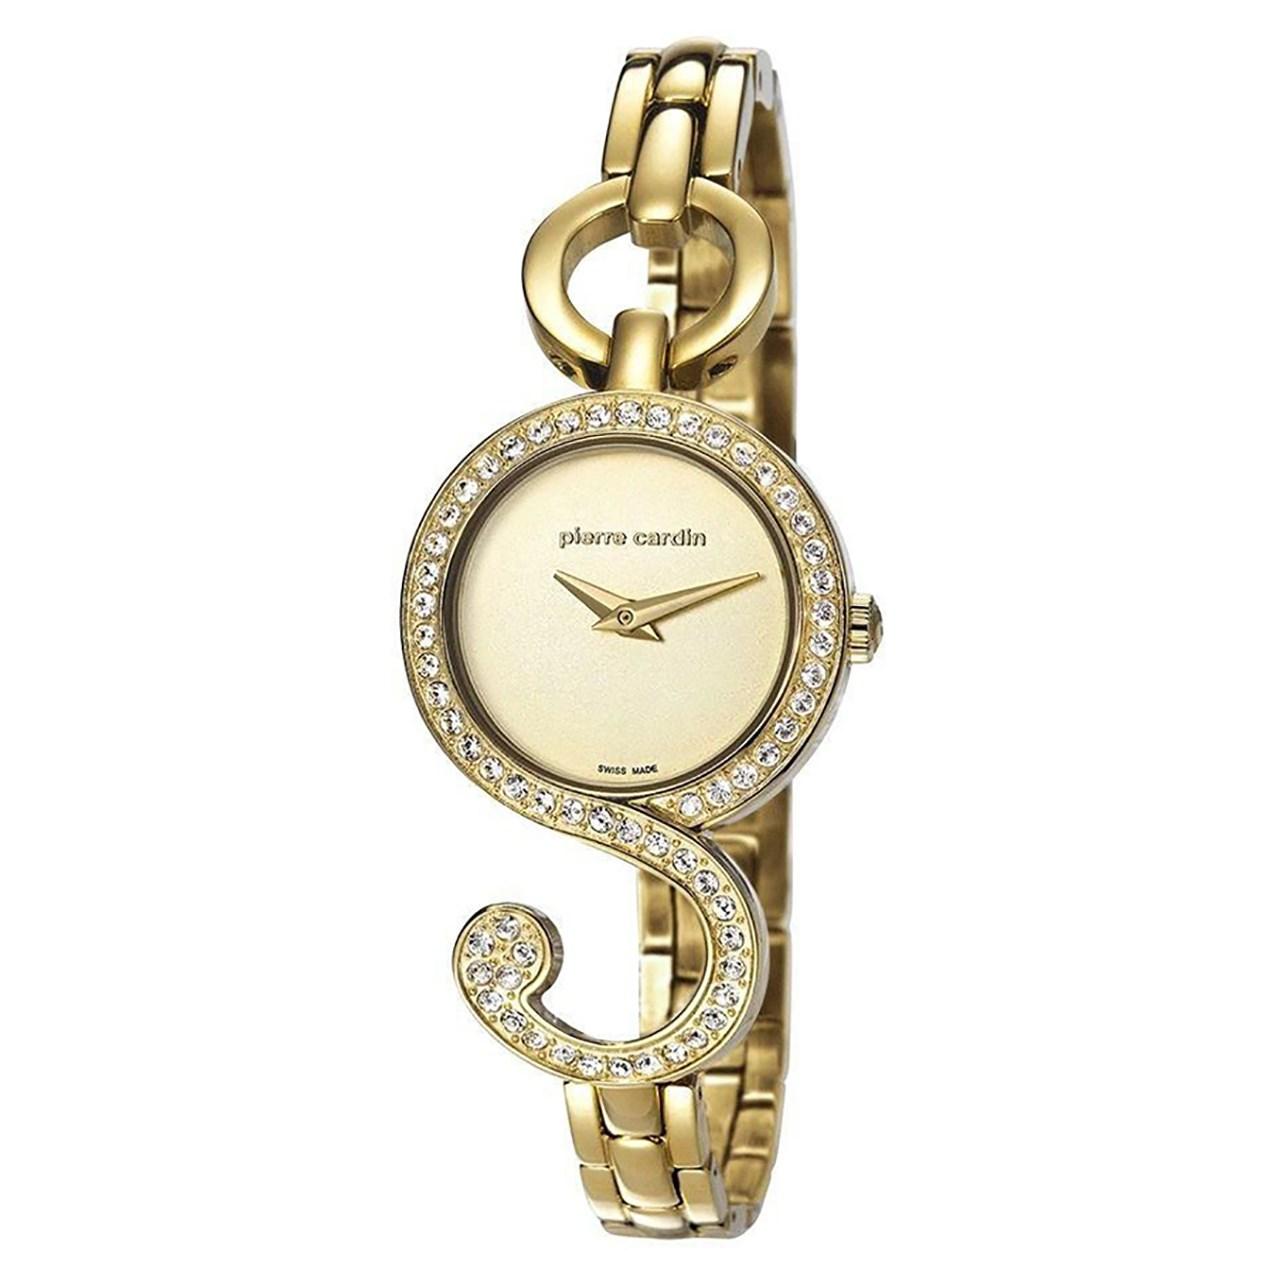 ساعت مچی عقربه ای زنانه پیر کاردین مدل PC107052S04